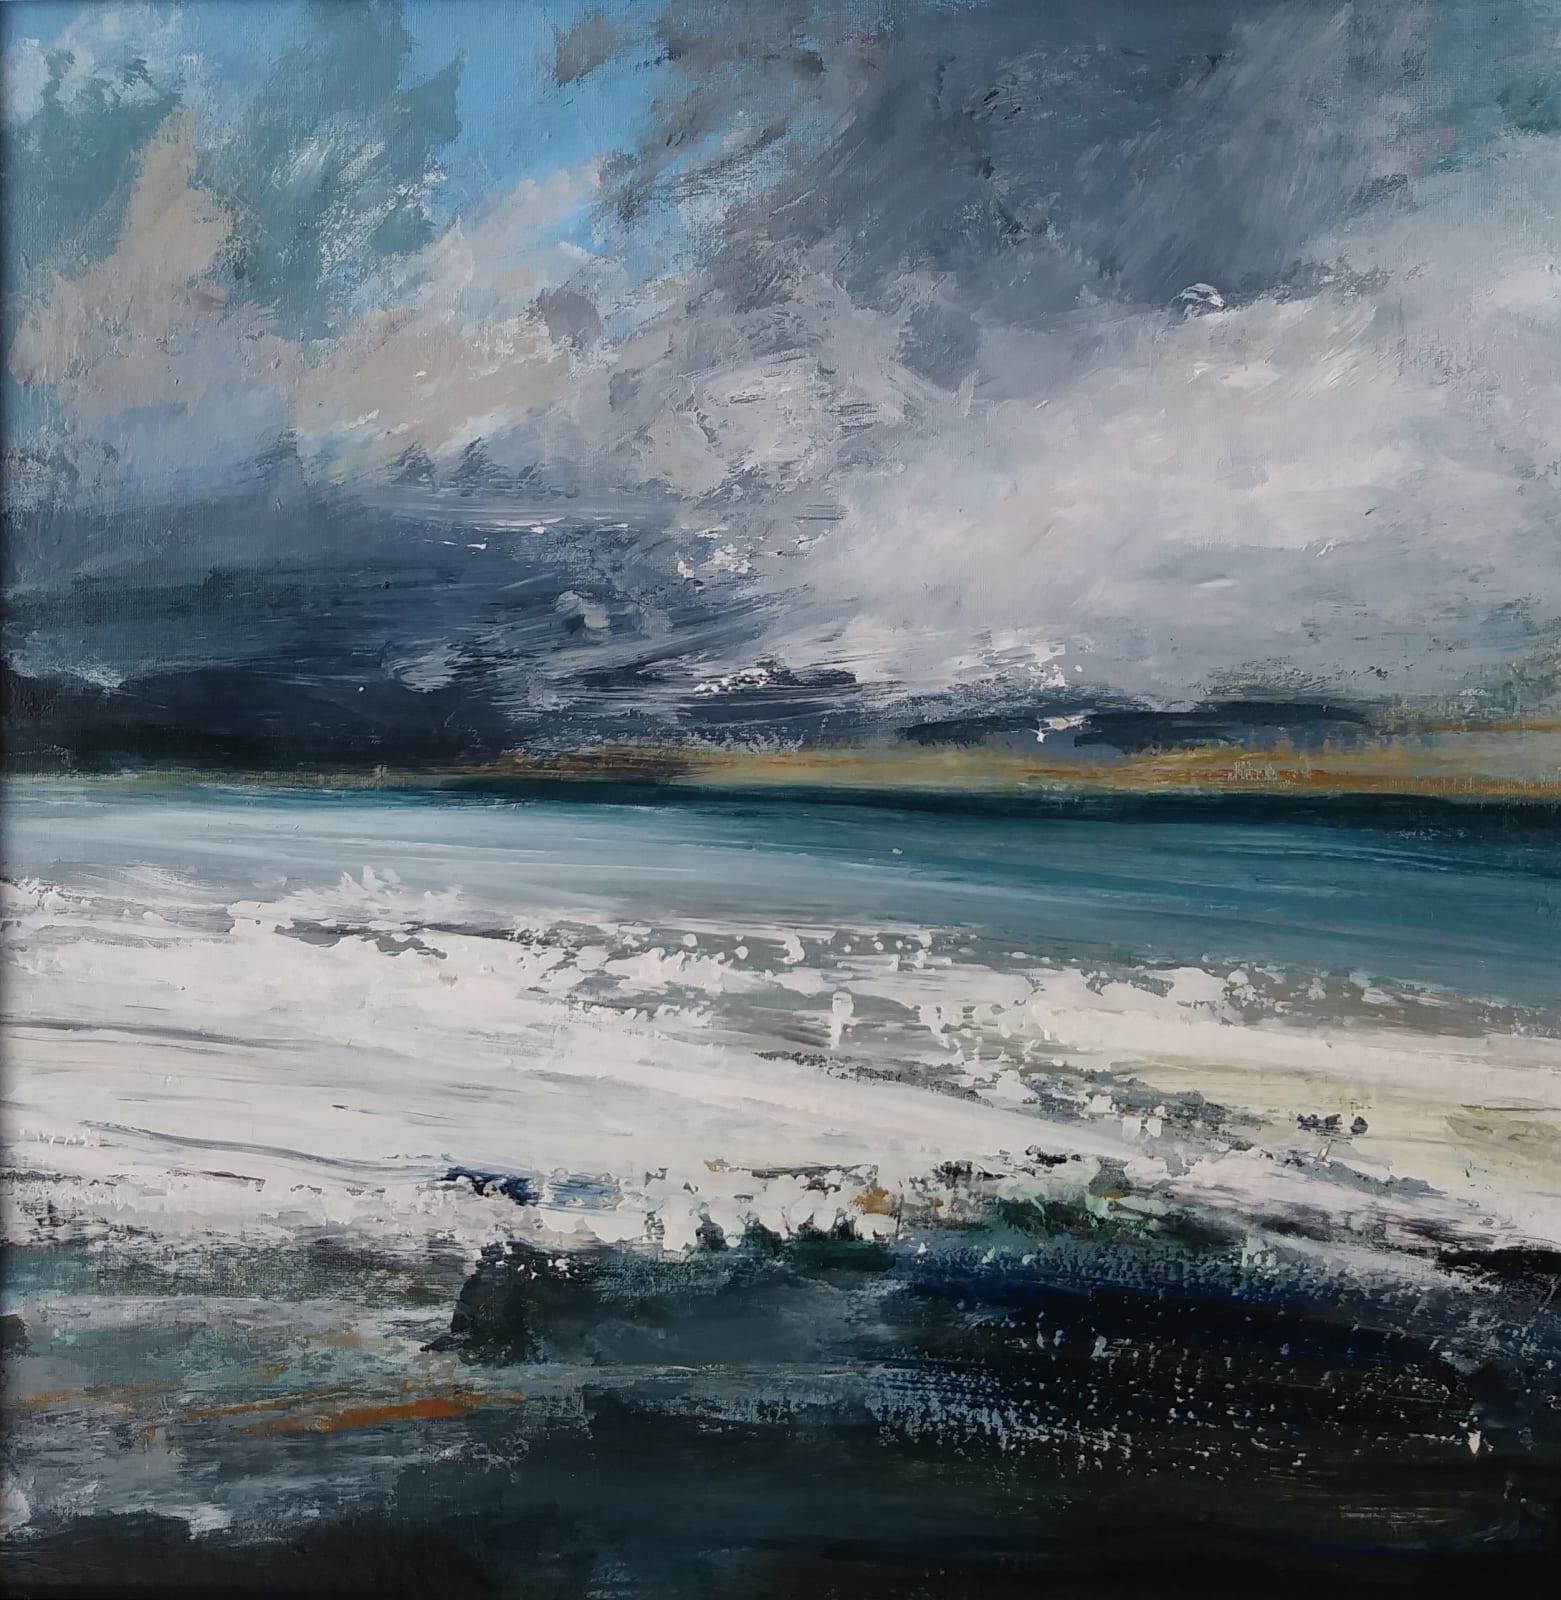 Frances Innes, Storm Lashed Shore, 2021